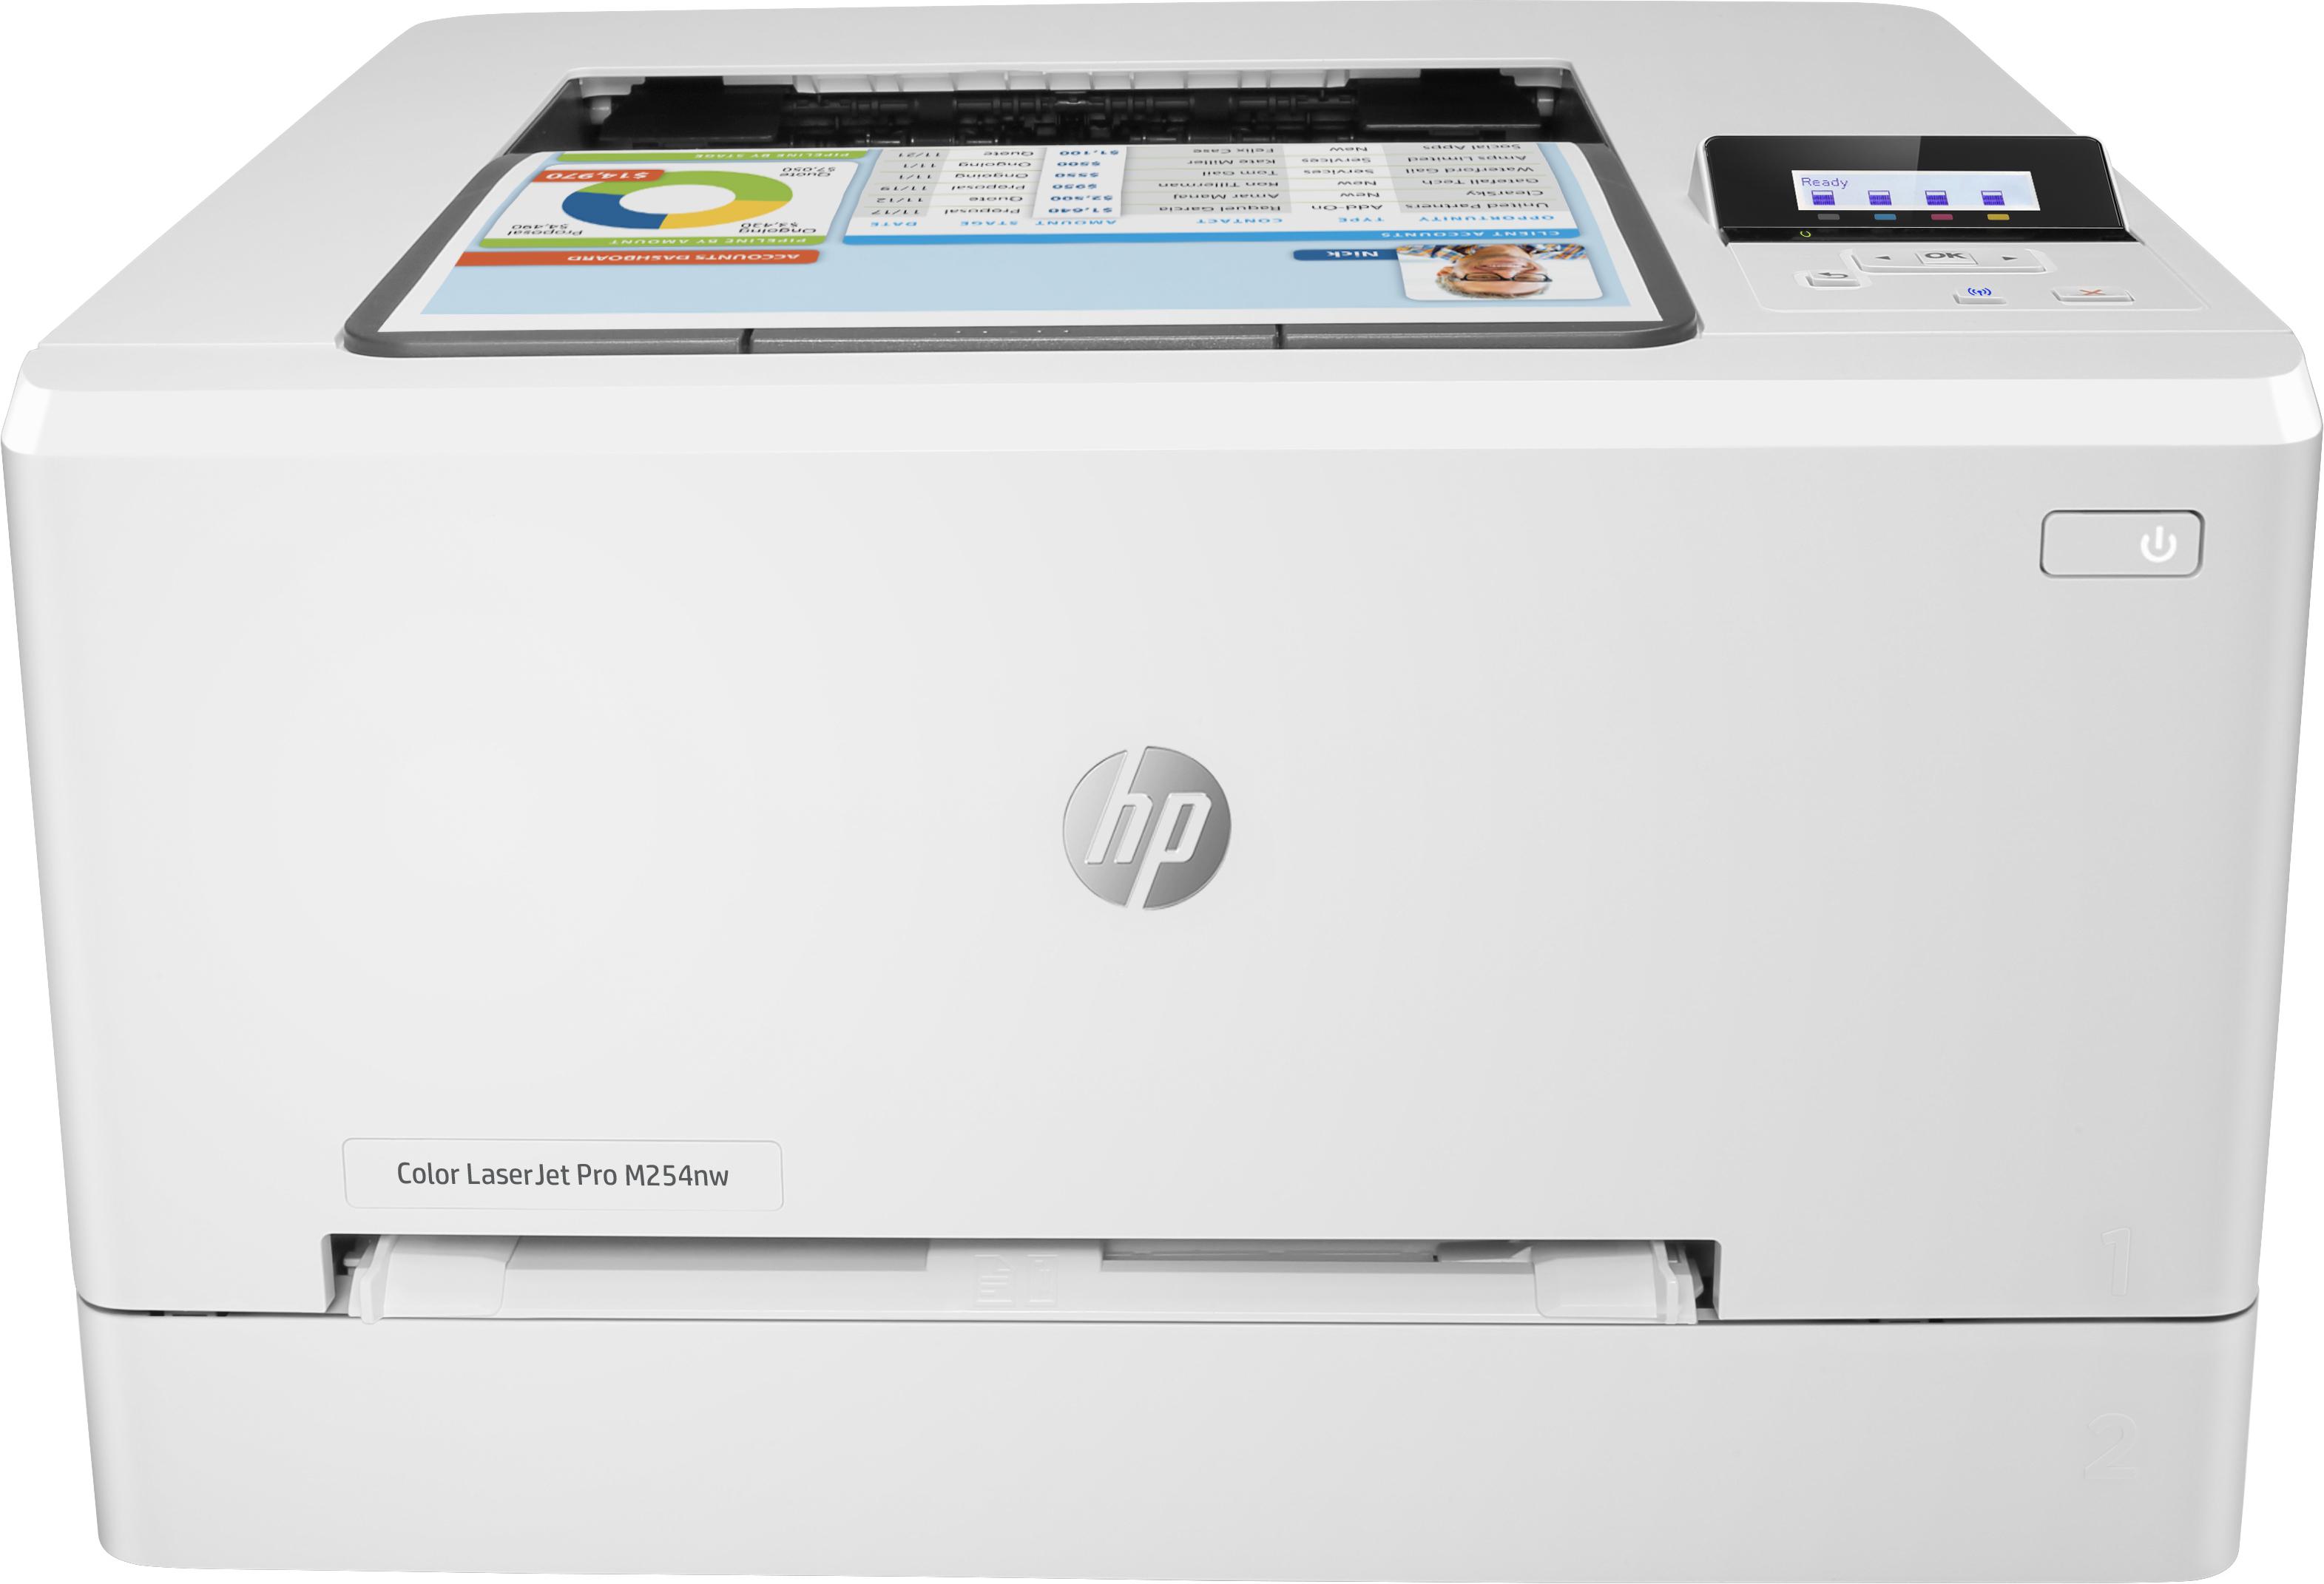 Hewlett Packard HP HP Color LaserJet Pro M254nw Printer